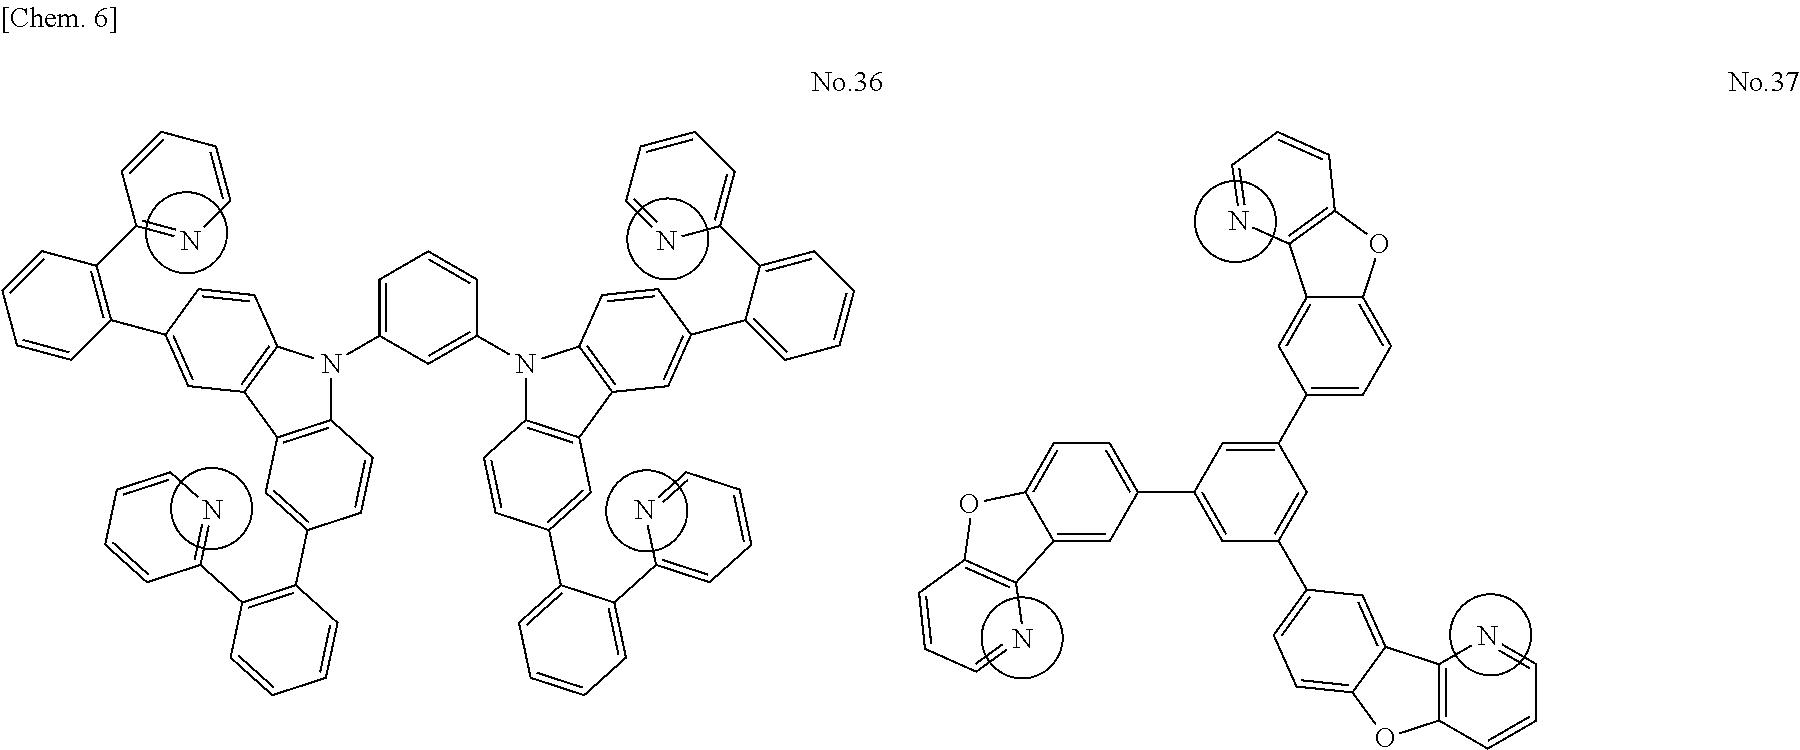 Figure US20150303398A1-20151022-C00007